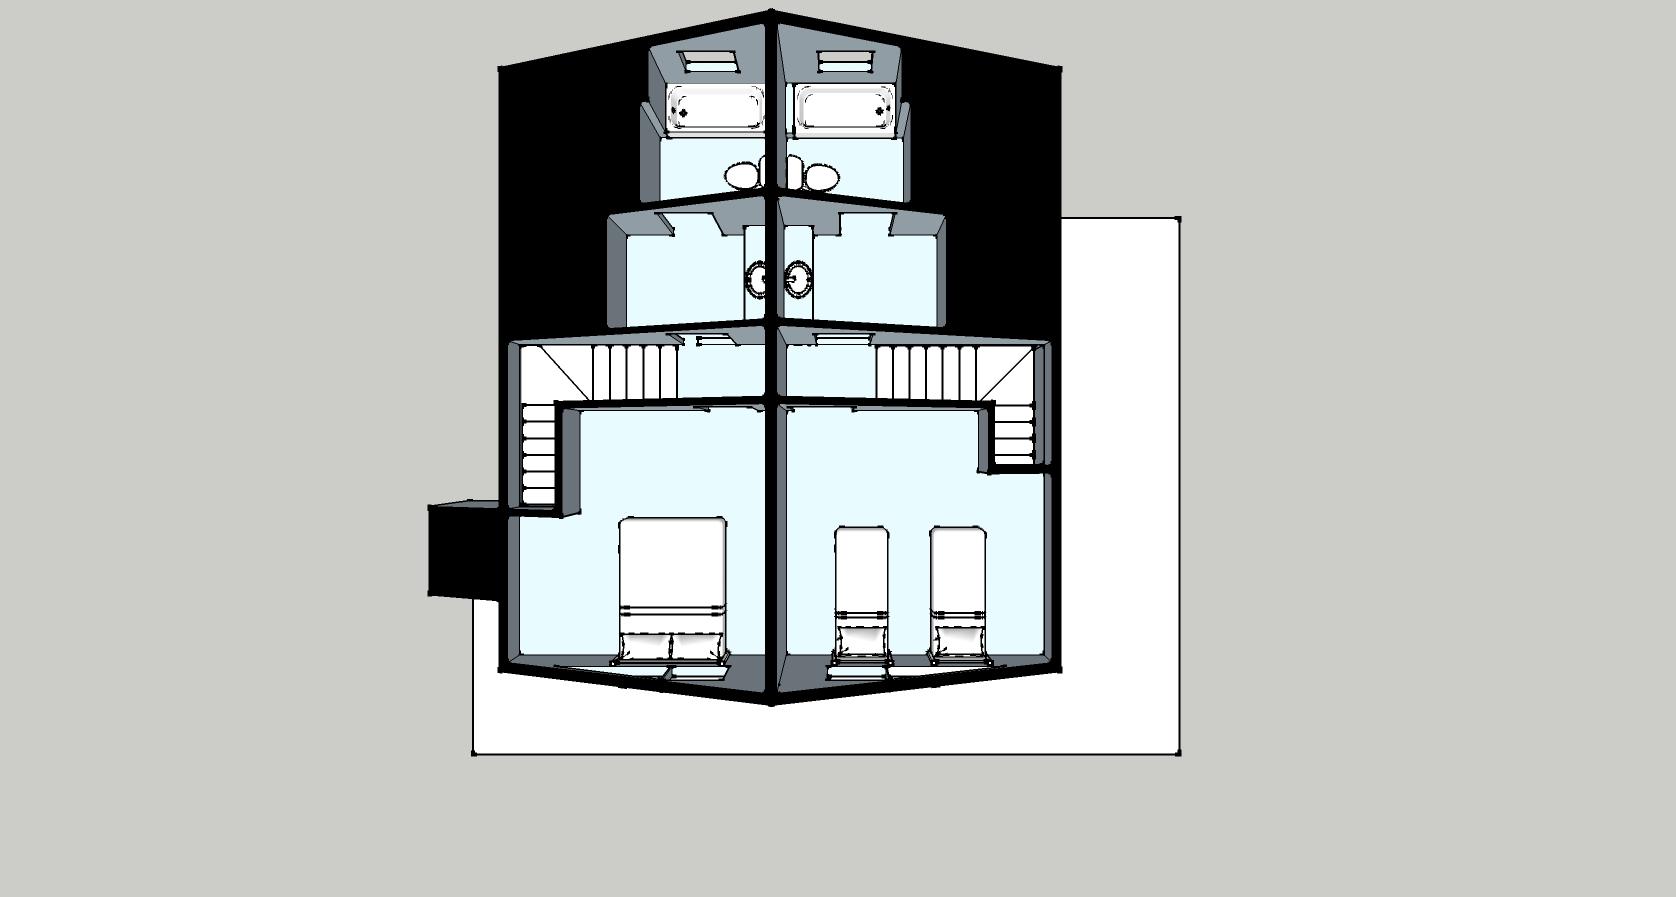 Zirkel cabin floor plan at Vista Verde Guest Ranch